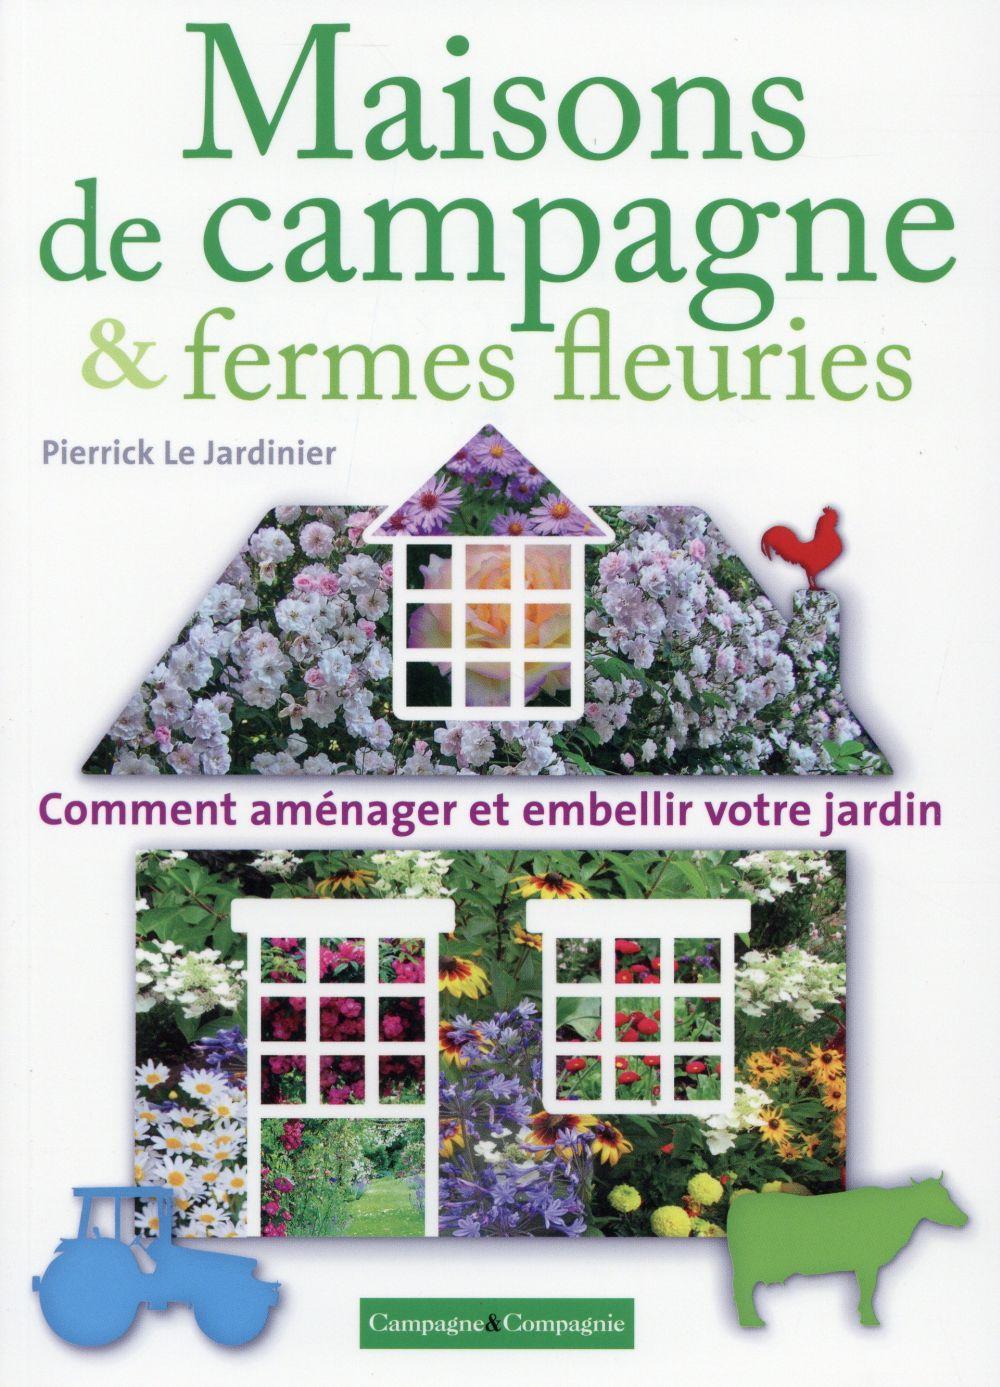 maisons de campagne fermes fleuries comment am nager et embellir votre jardin pierrick le. Black Bedroom Furniture Sets. Home Design Ideas